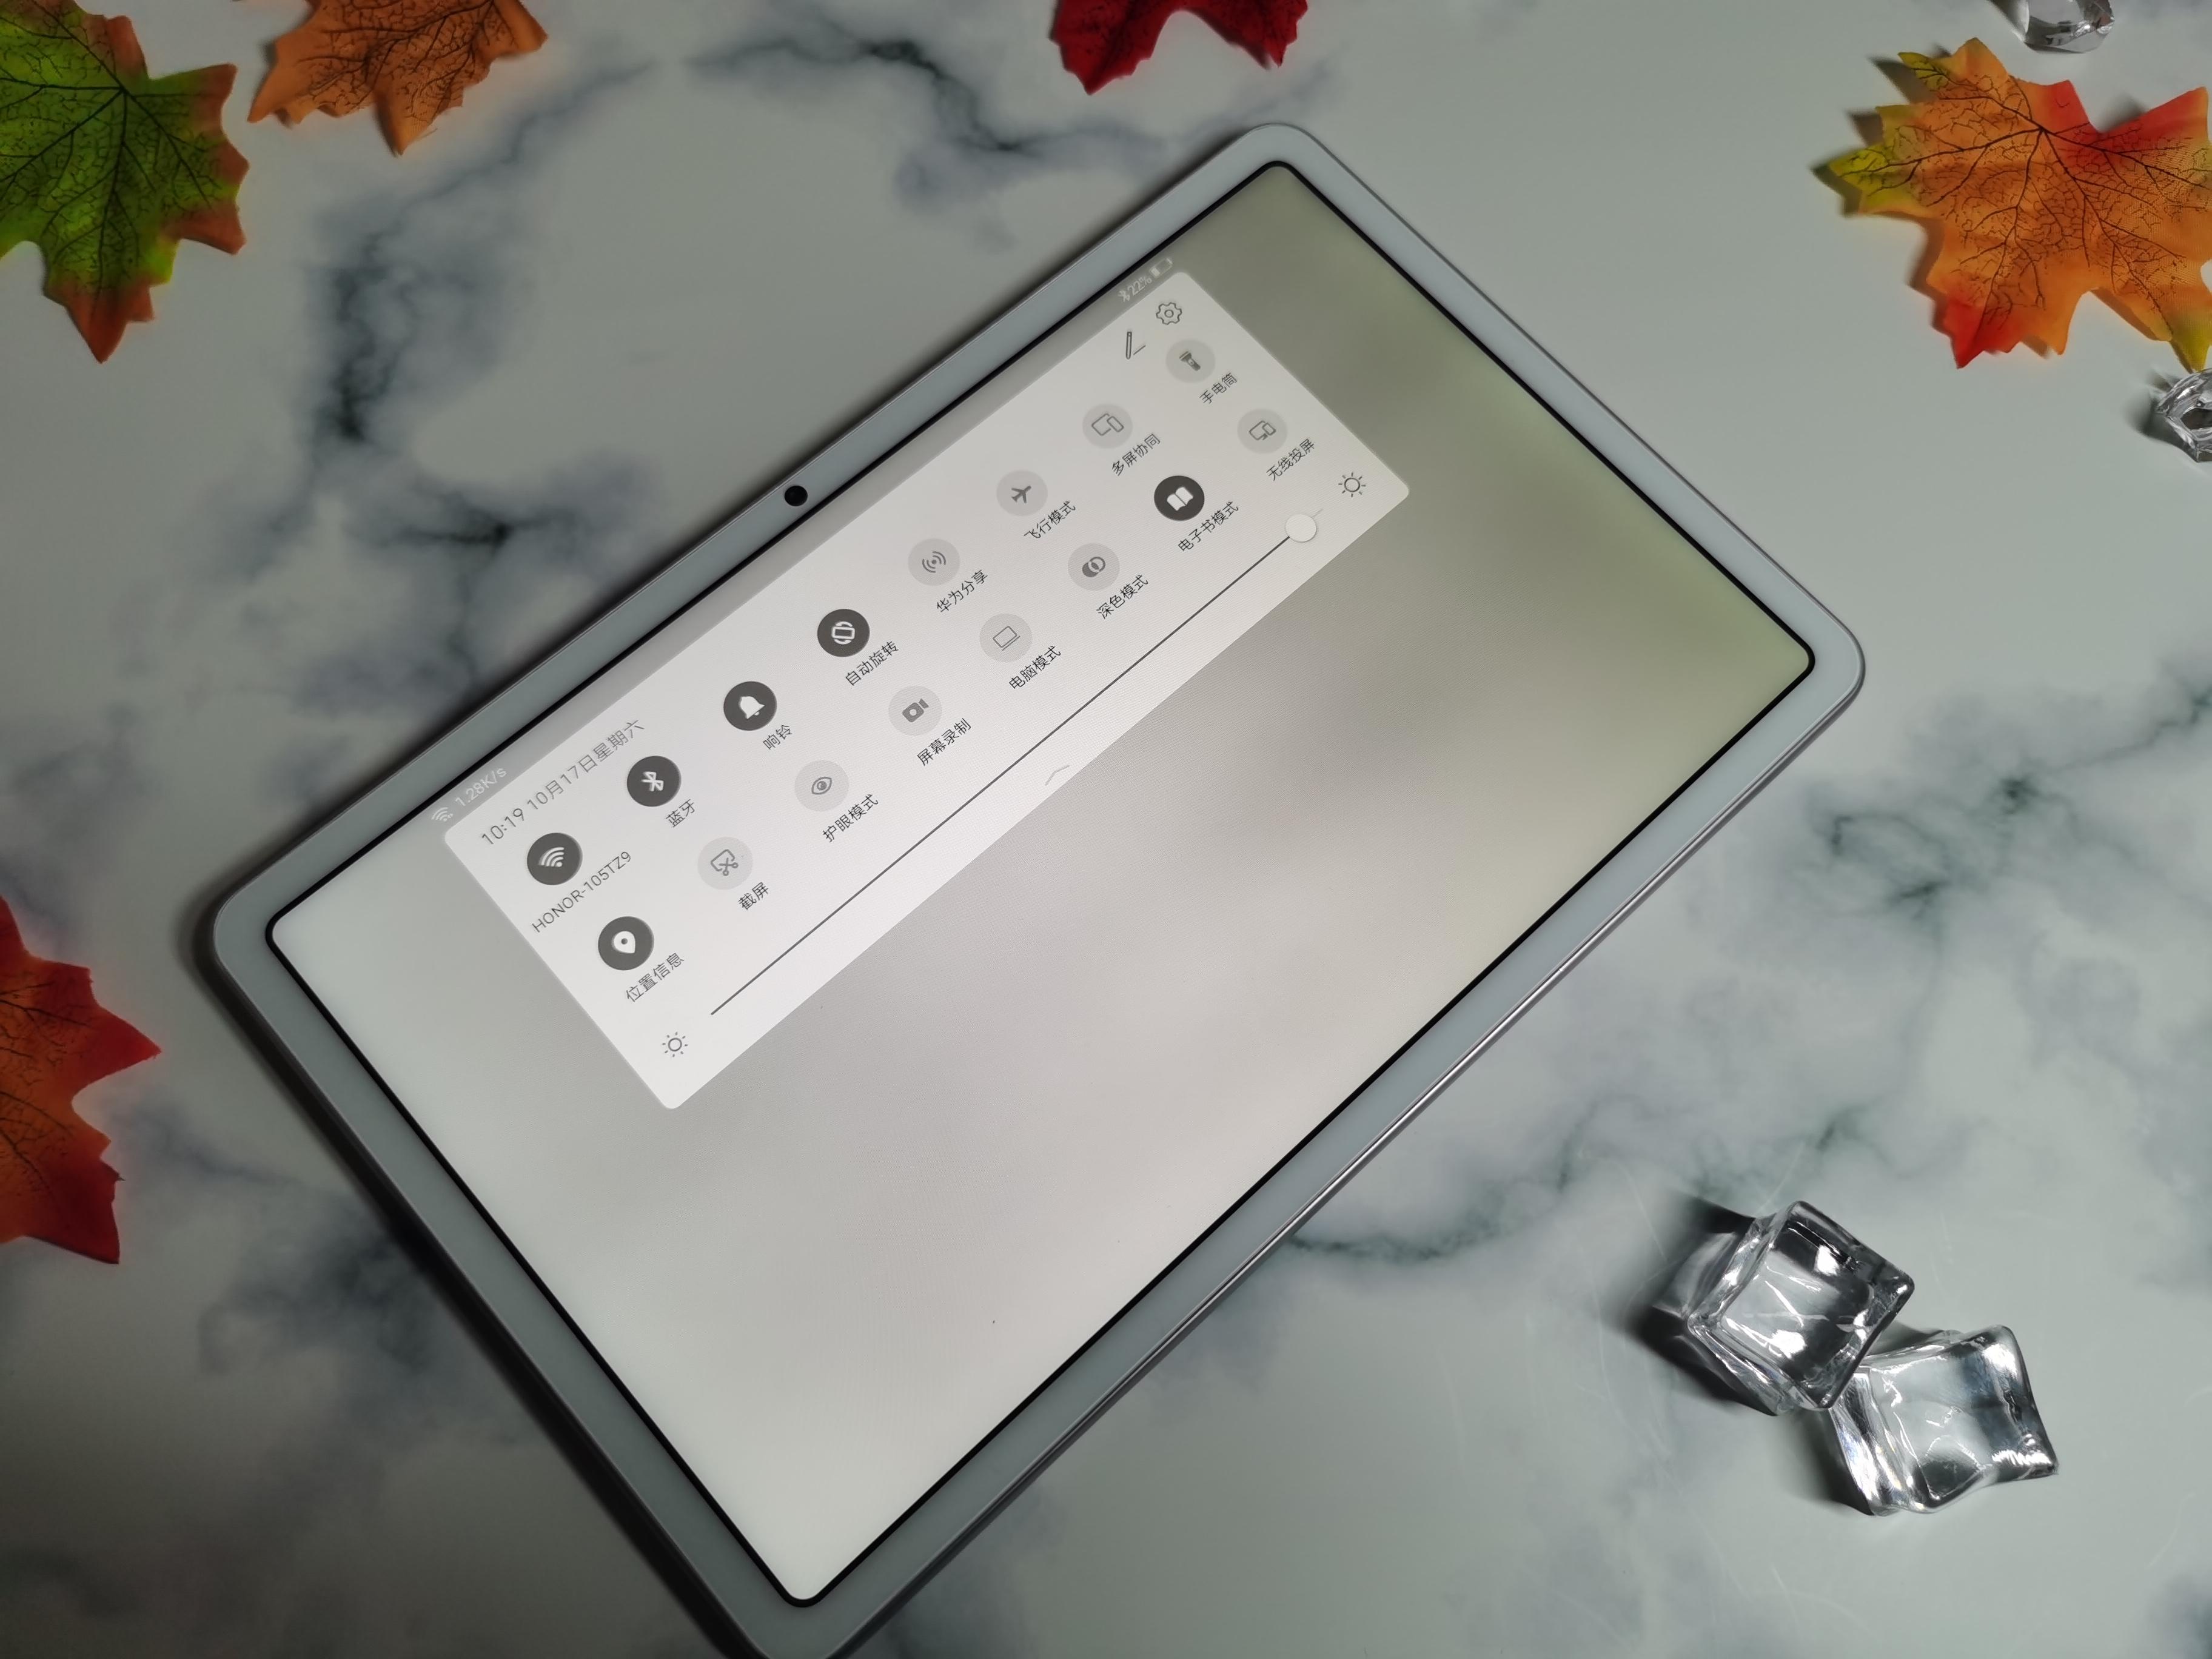 学习娱乐兼得,还有简约设计,这款平板你对他的评价如何?,华为 MatePad 10.4-花粉俱乐部